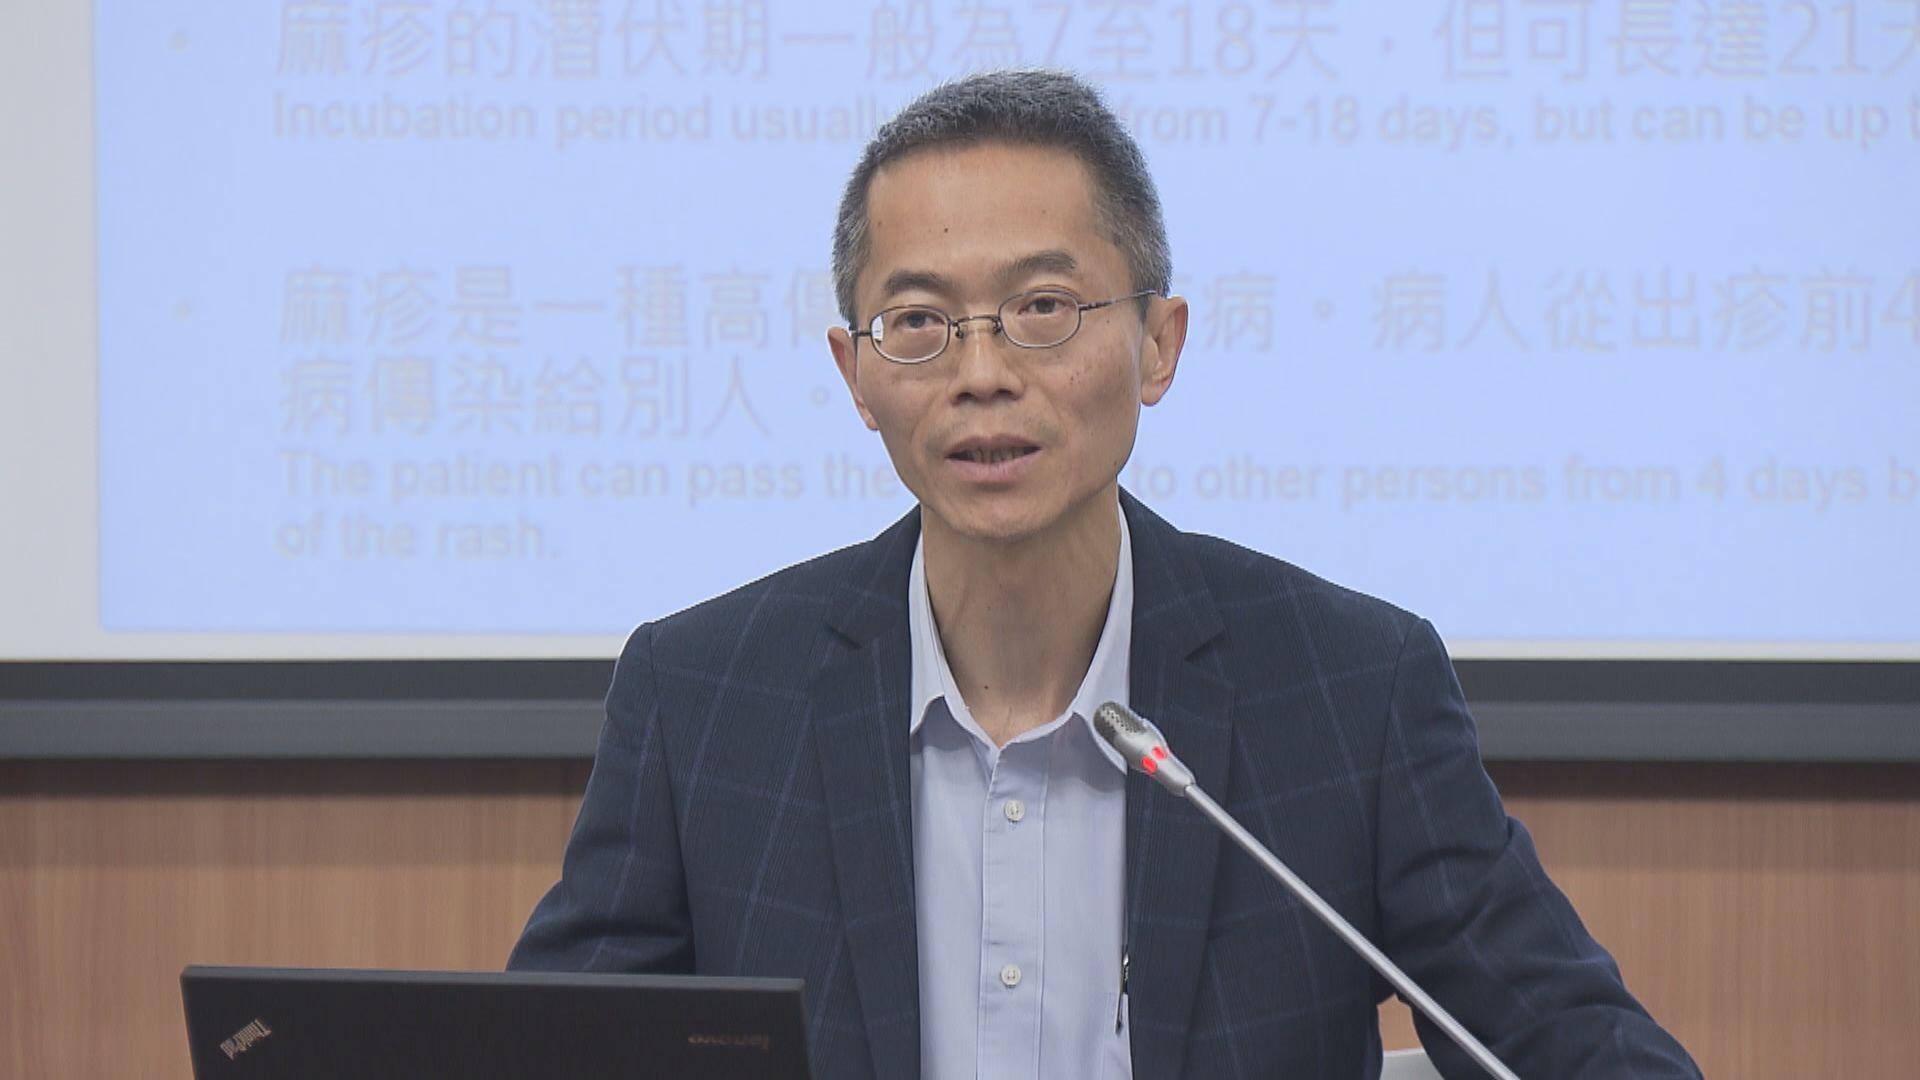 黃加慶:若私家醫生通報武漢肺炎相關個案 隔離令會即時生效